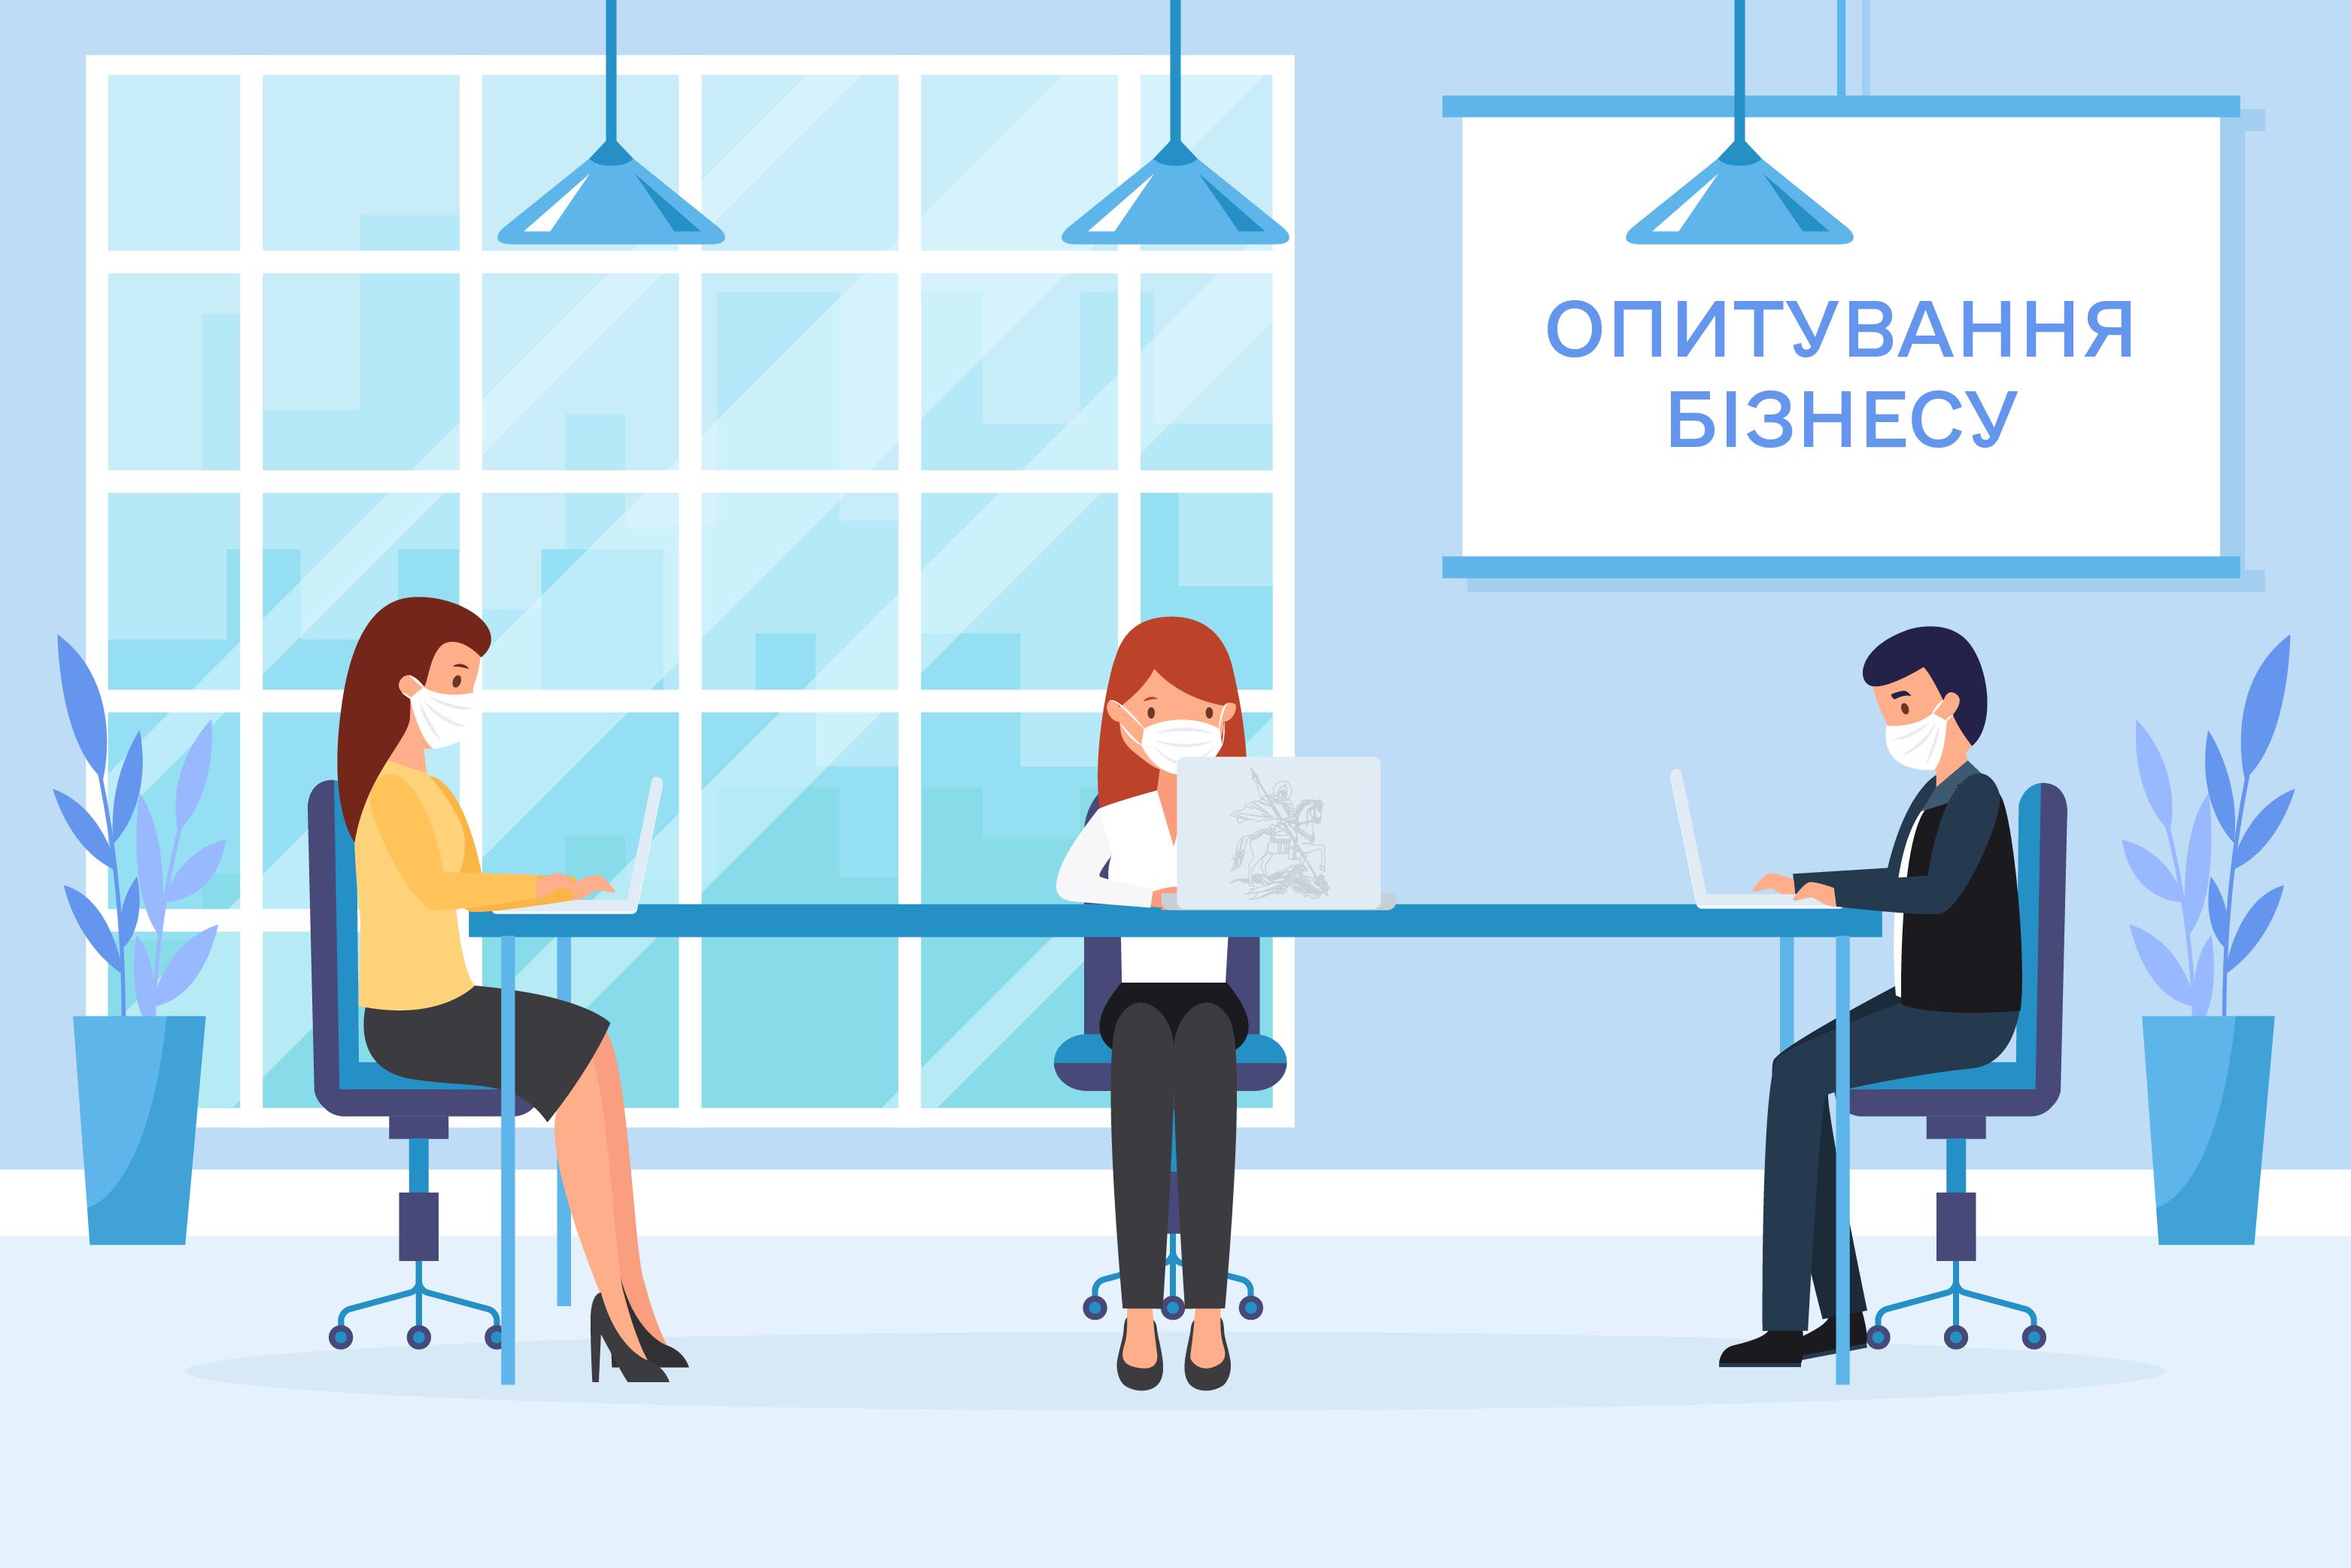 Черкаські підприємці зможуть долучитися до бізнес-дослідження Мінекономіки